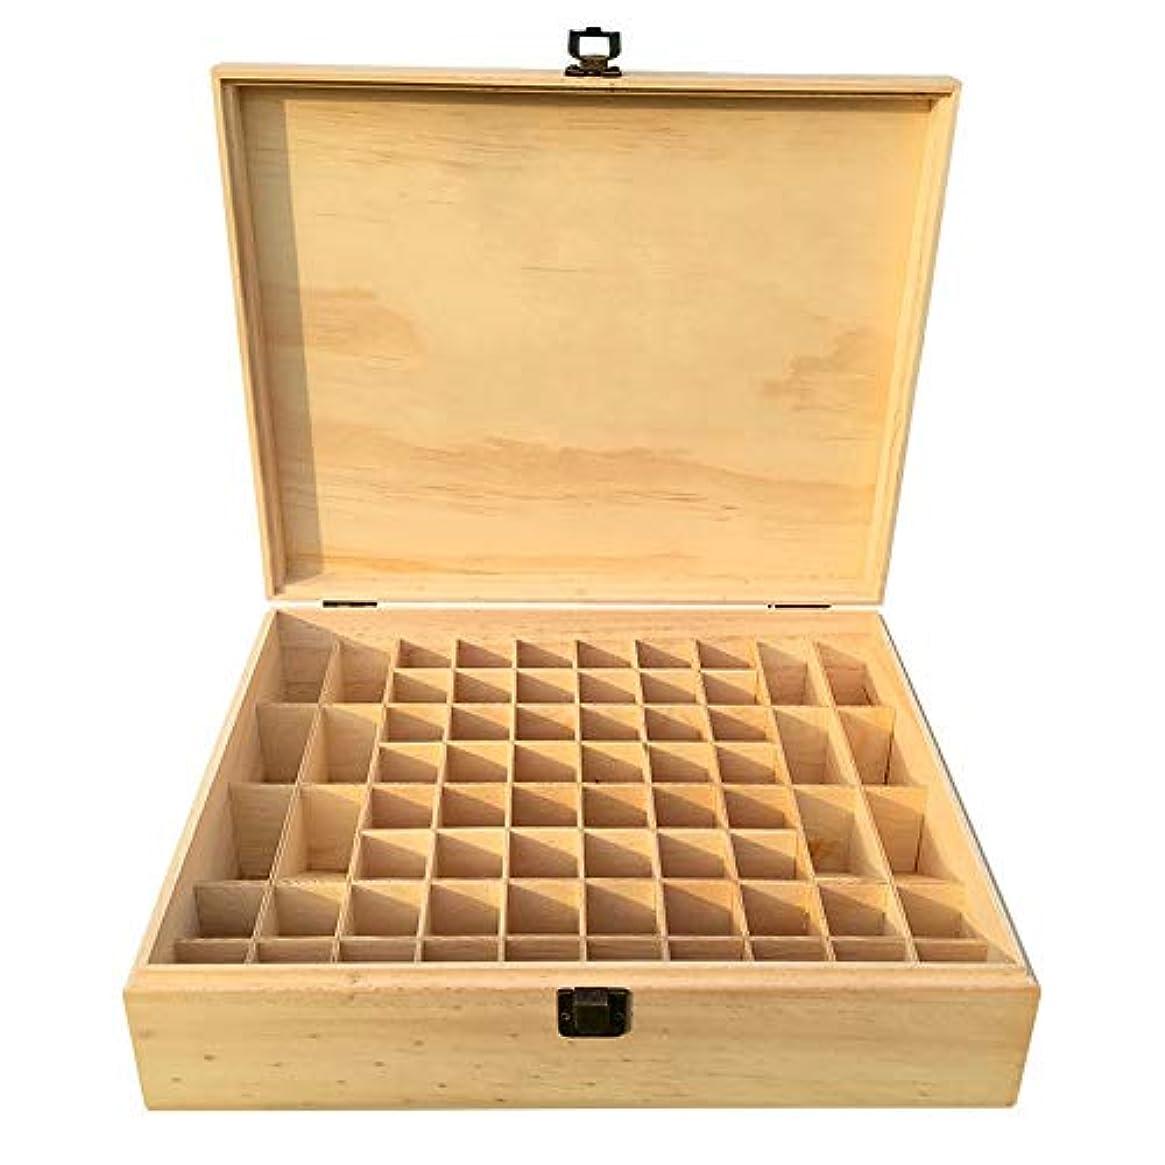 鋸歯状連邦以前は精油ケース エッセンシャルオイル木製ボックスストレージが安全に油を維持するための68本の5?10ミリリットルボトル大エッセンシャルオイルケースオーガナイザーベストを開催します 携帯便利 (色 : Natural, サイズ : 34X27.5X9CM)